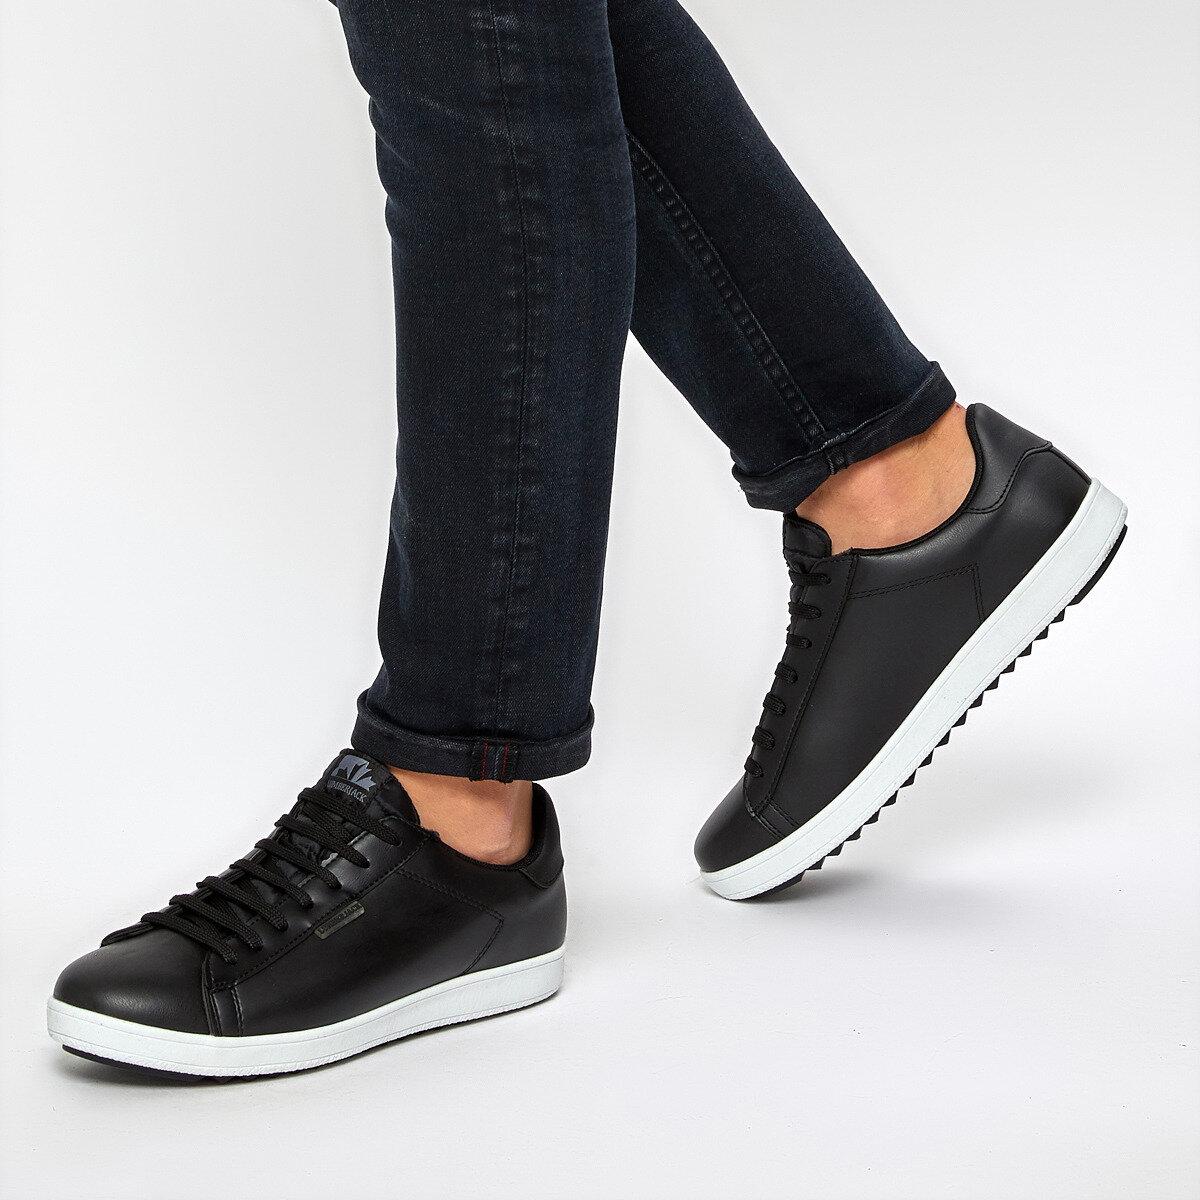 FLO BETNA 9PR Black Men 'S Sneaker Shoes LUMBERJACK